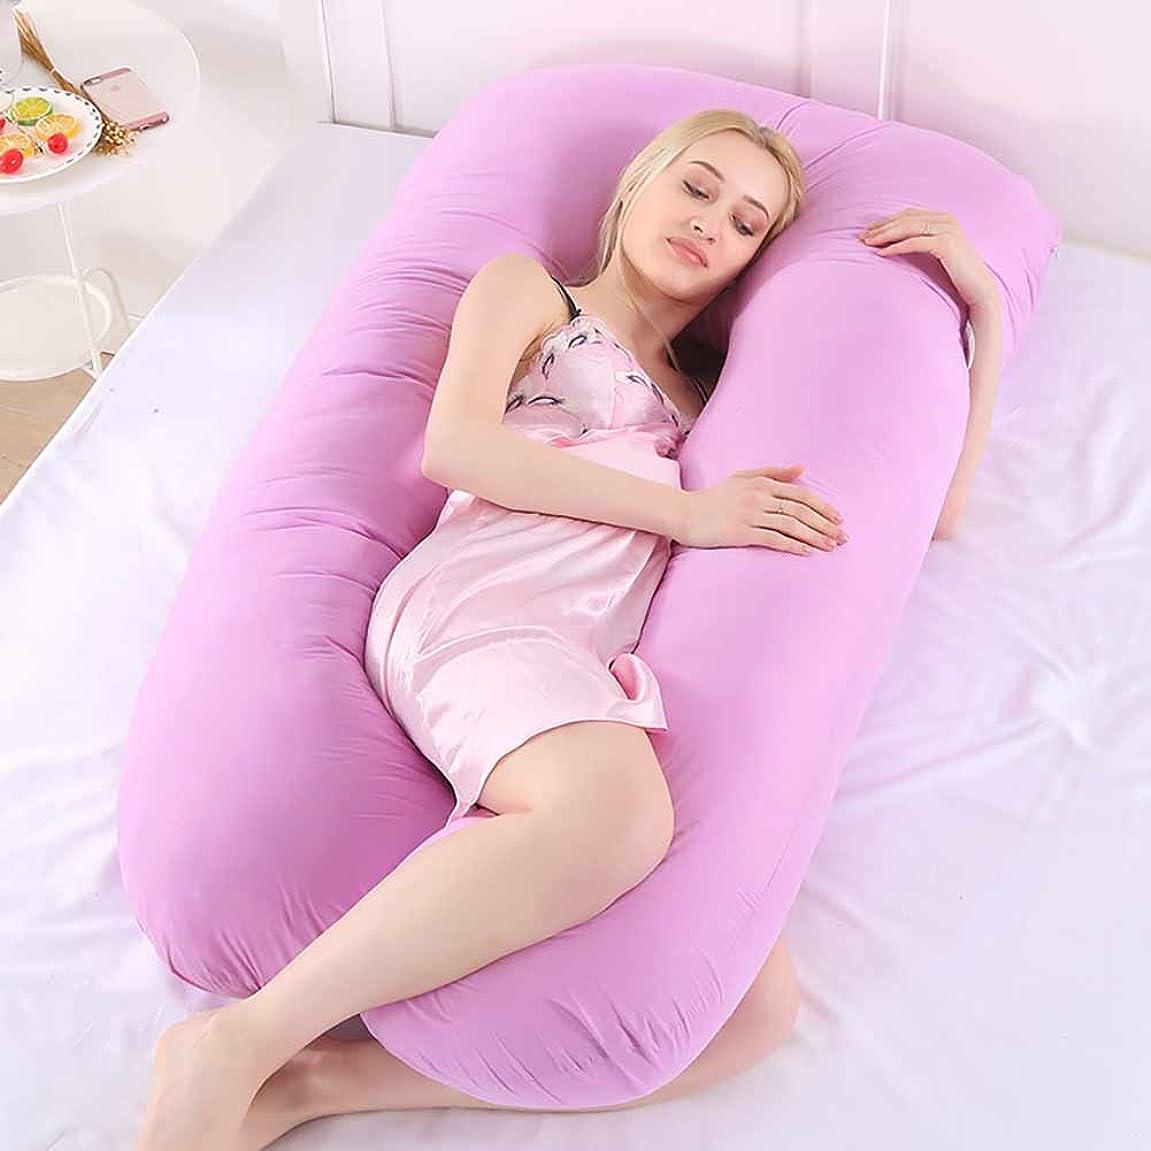 ピアース奇妙な裸RaiFu 抱き枕 妊婦用 スリーピング サイド 多機能 妊娠枕 快適 横向き寝 U字型 クッション(取り外し可能&洗えます) パープル 70x130cm